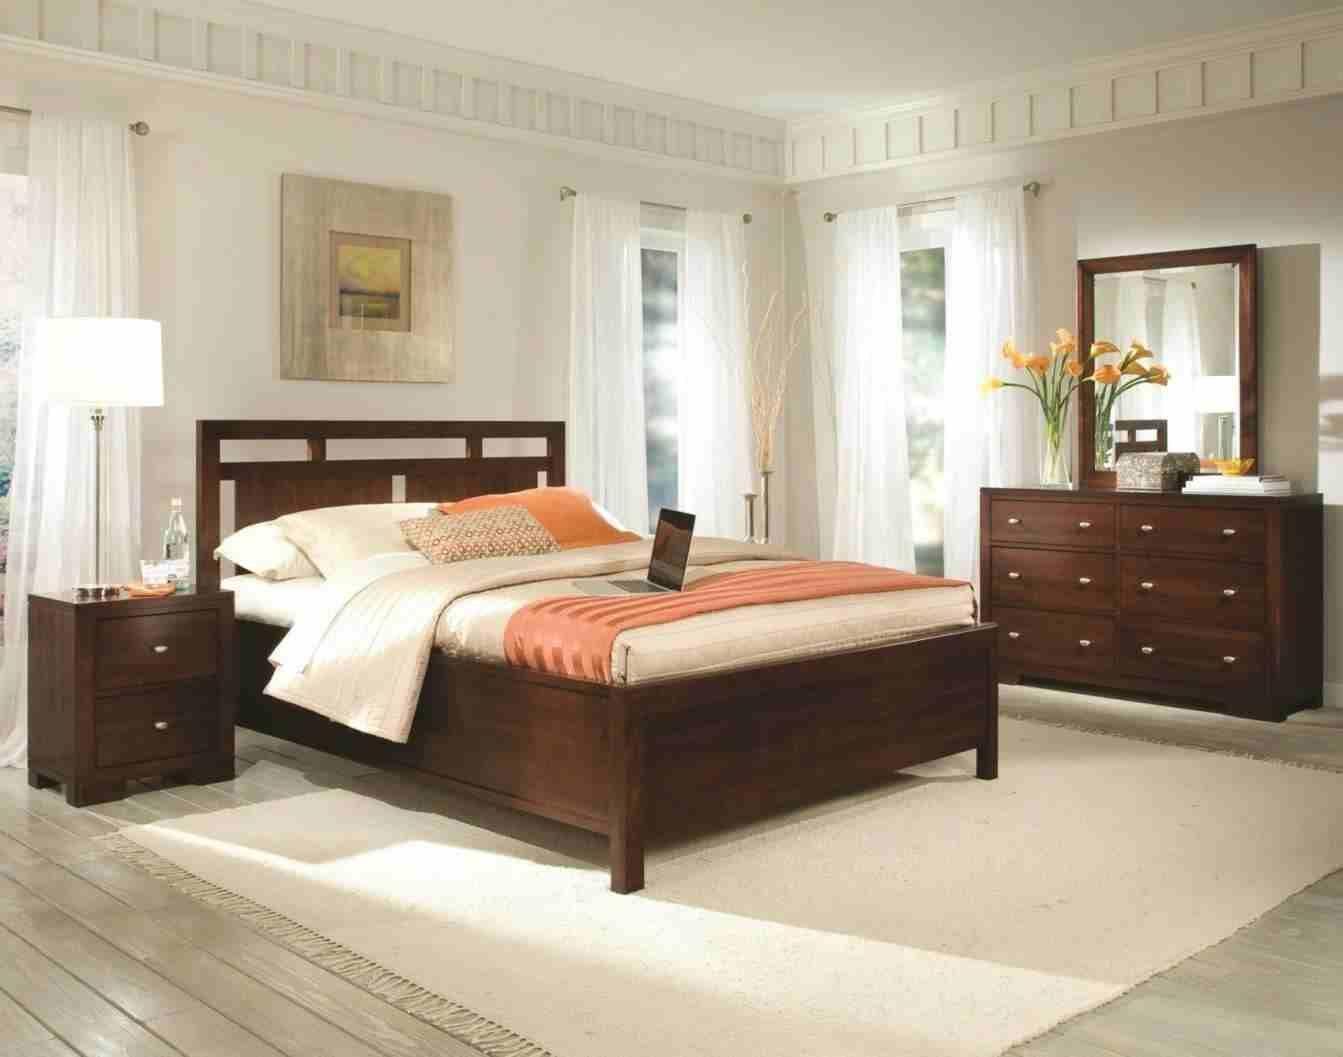 Master bedroom furniture sets white furniture bedroom ideas